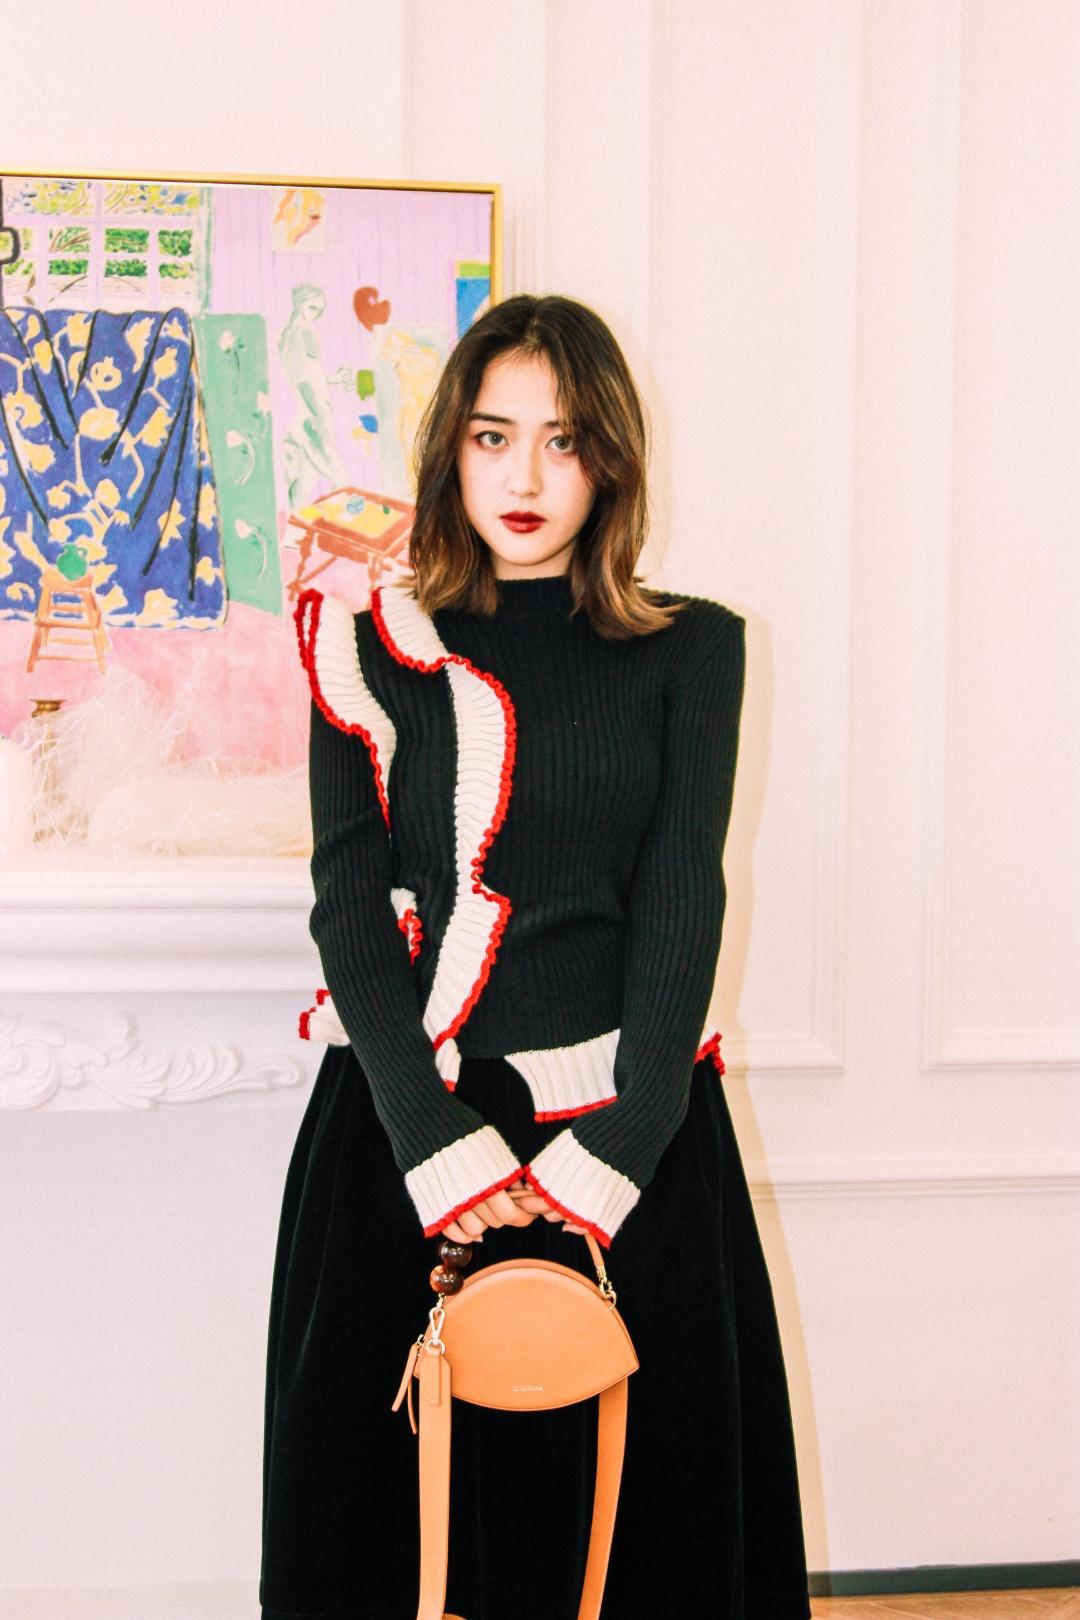 🌚【暗黑小淘气】🌚 🌝非常特别的毛衣,恣意的花边设计让人气质又灵动~ 🌚乖乖的金丝绒黑色半身裙提高了淑女的品格 🌝精致的单鞋更彰显了你的气质非凡鸭~ #三分钟!我要这件毛衣的所有信息#